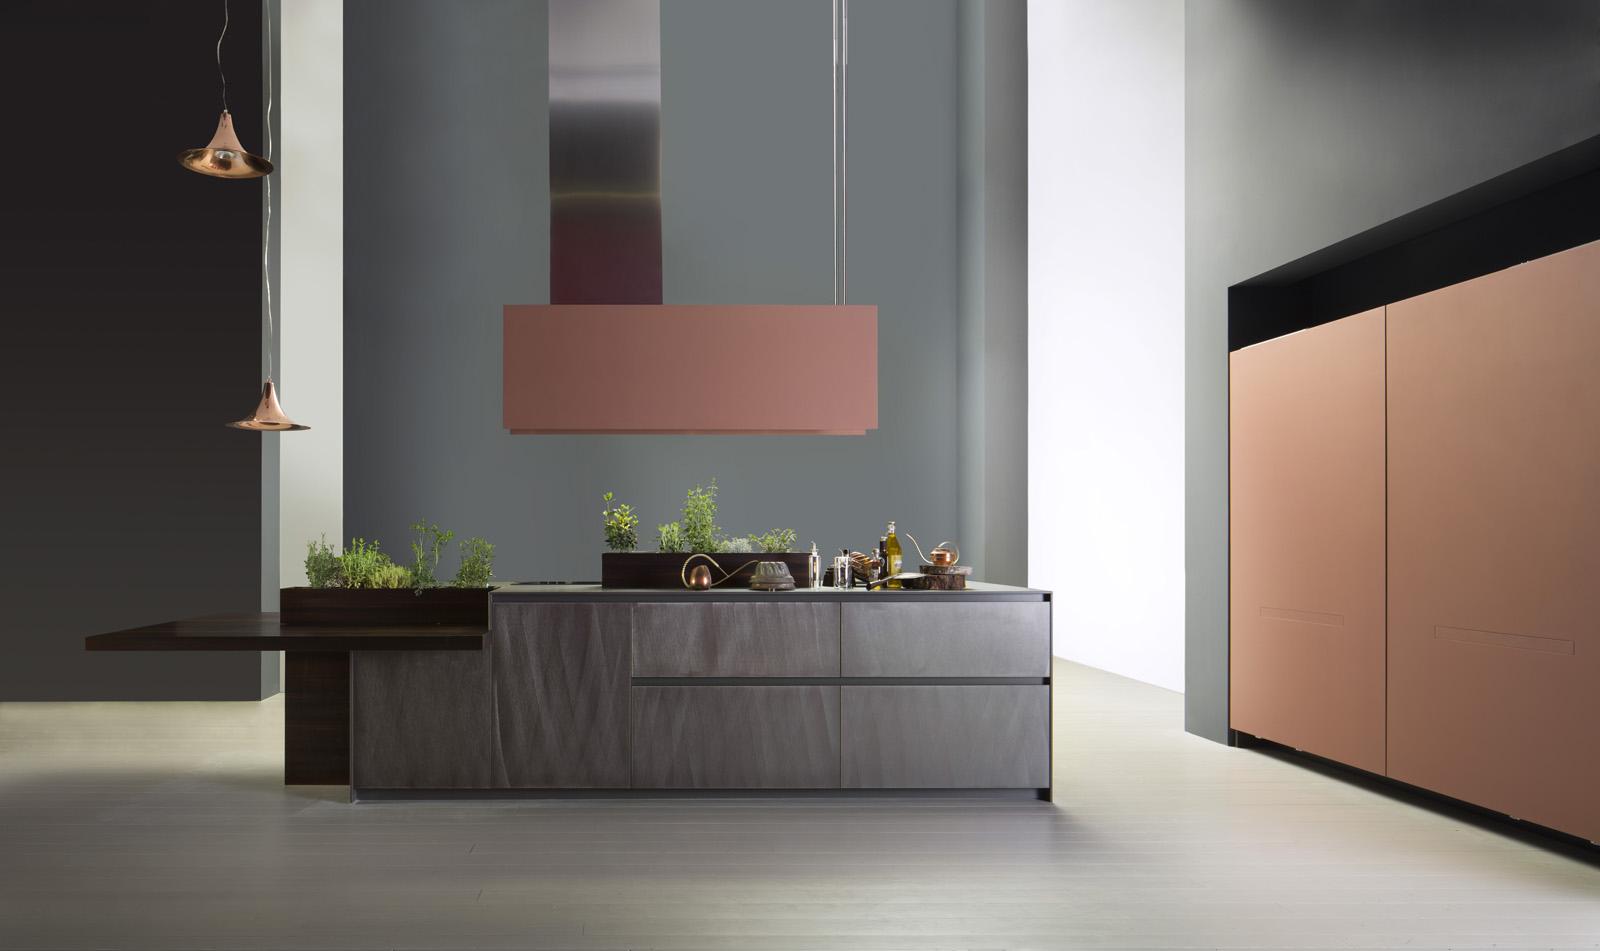 Design keukens antwerpen - Italiaanse design badkamer ...